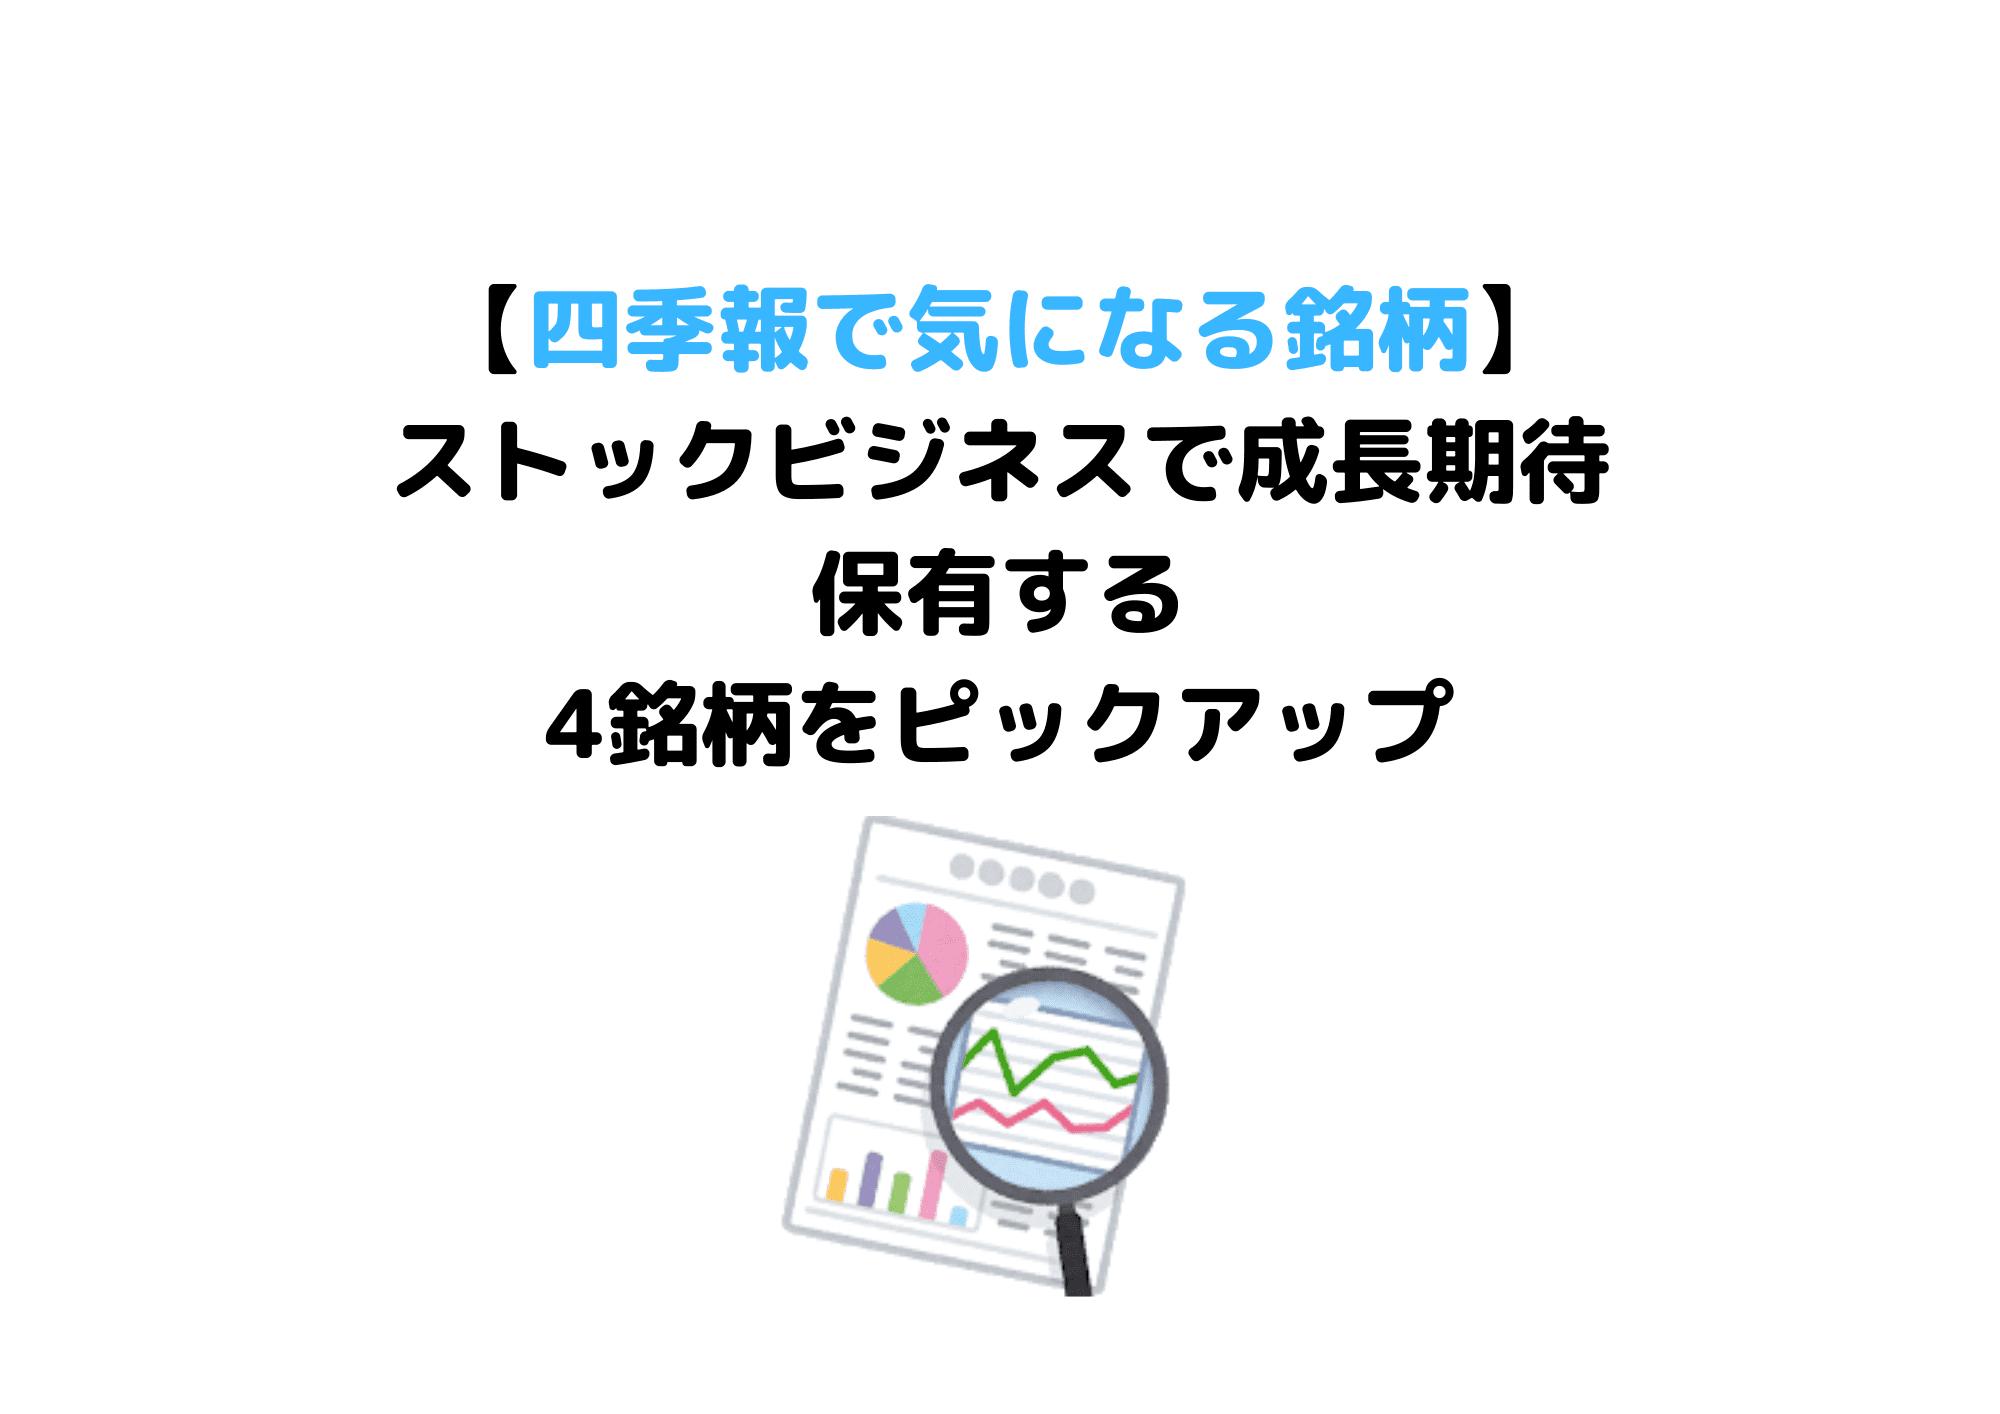 四季報ストックビジネス (1)